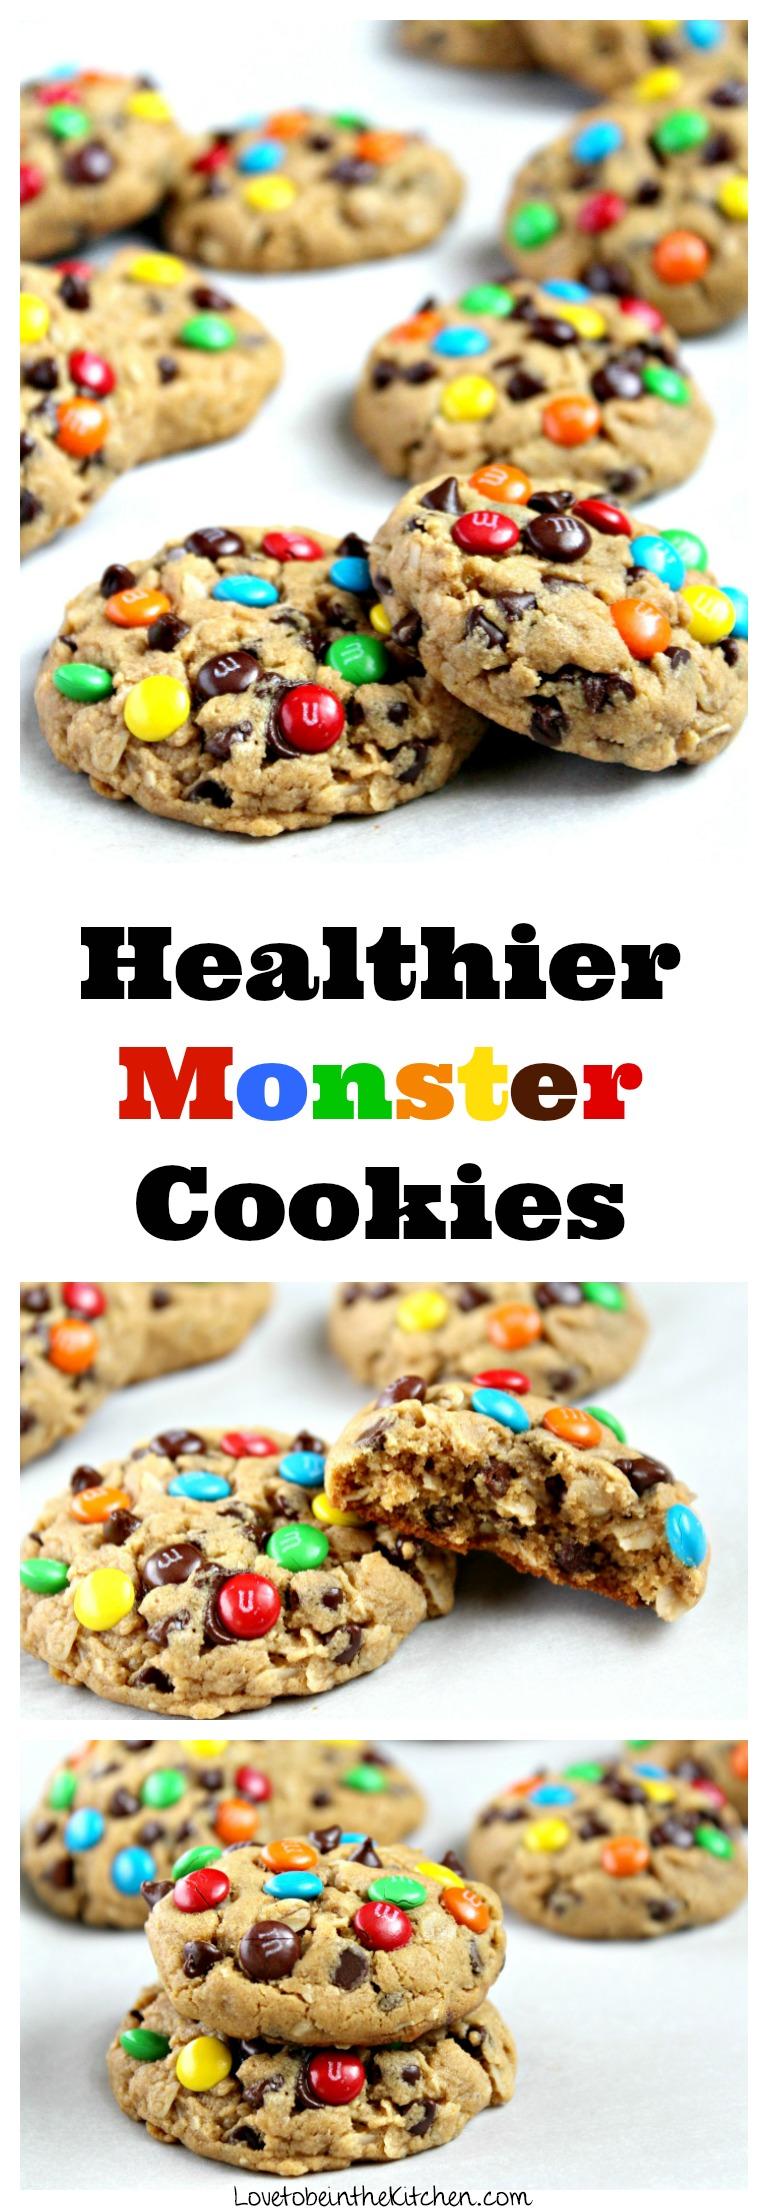 Healthier Monster Cookies